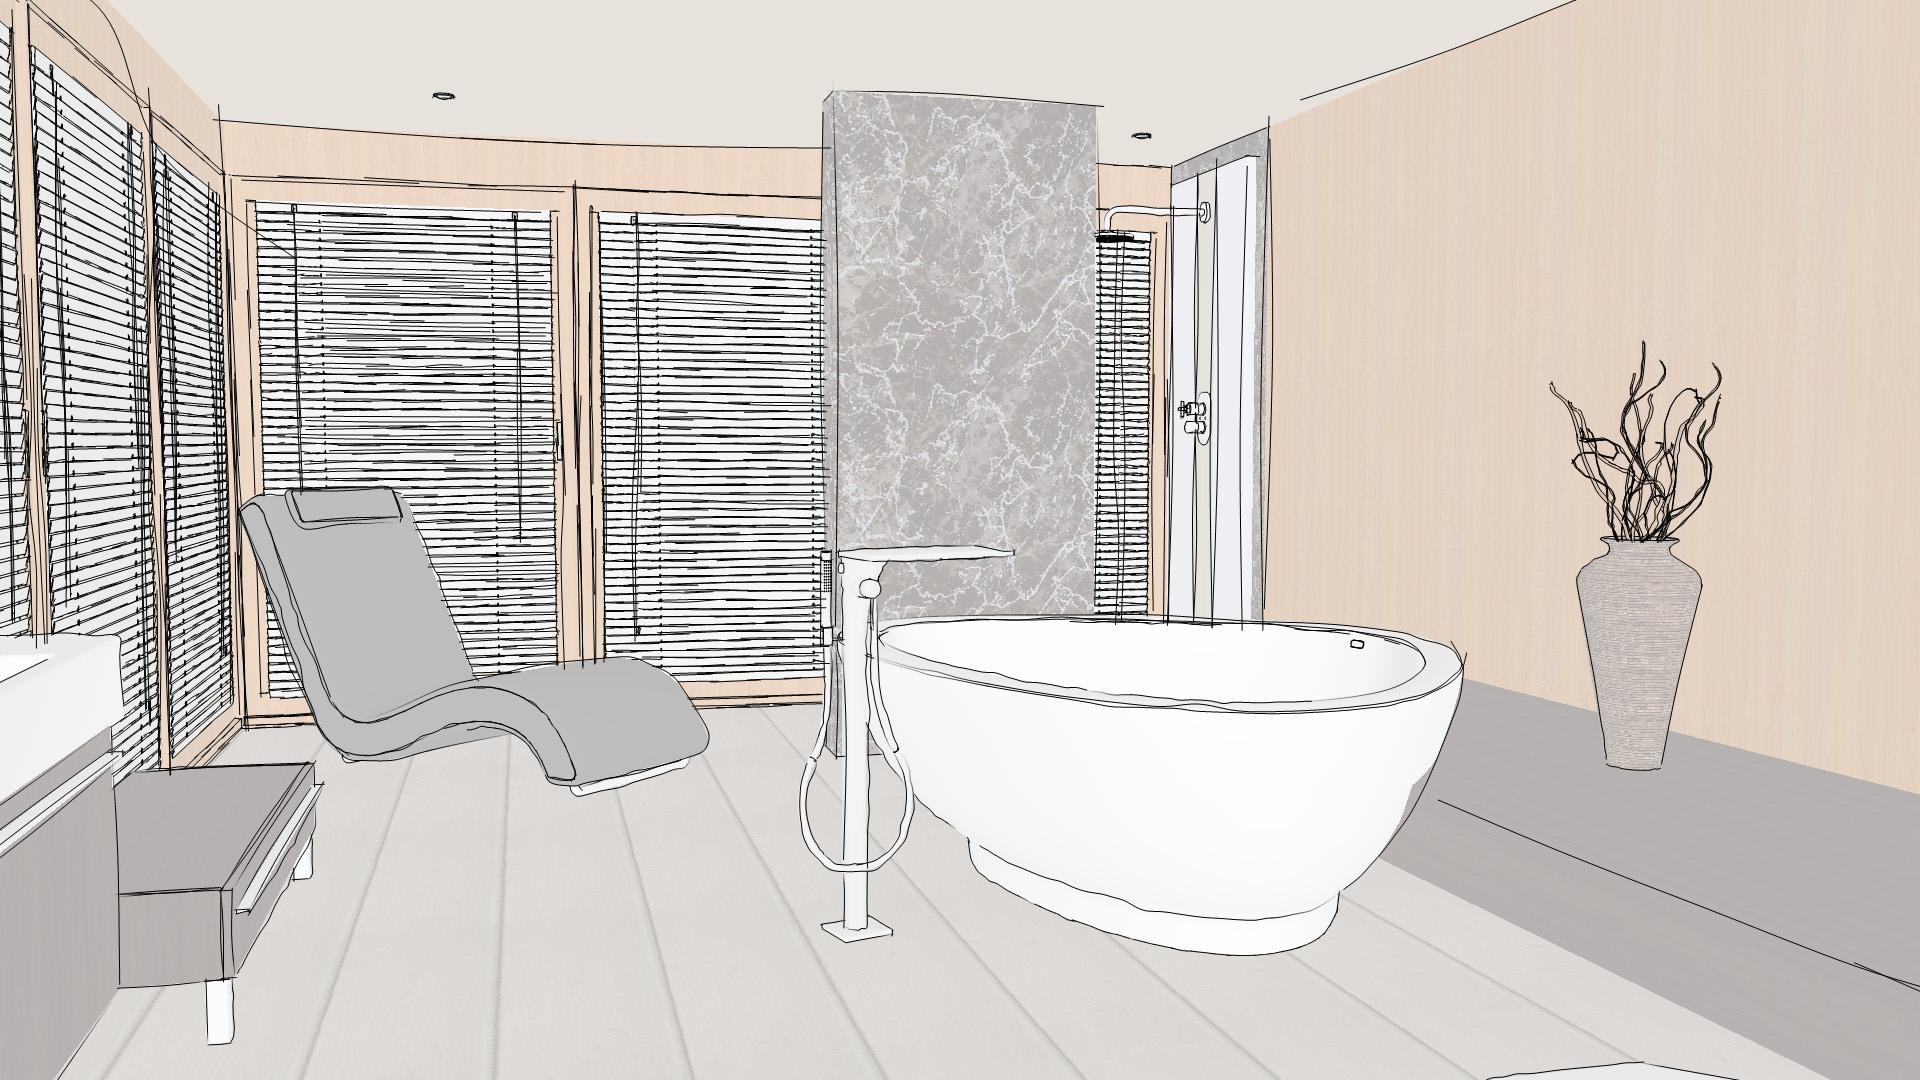 Un outil pour concevoir soi m me sa future salle de bains 3d - Concevoir salle de bain ...